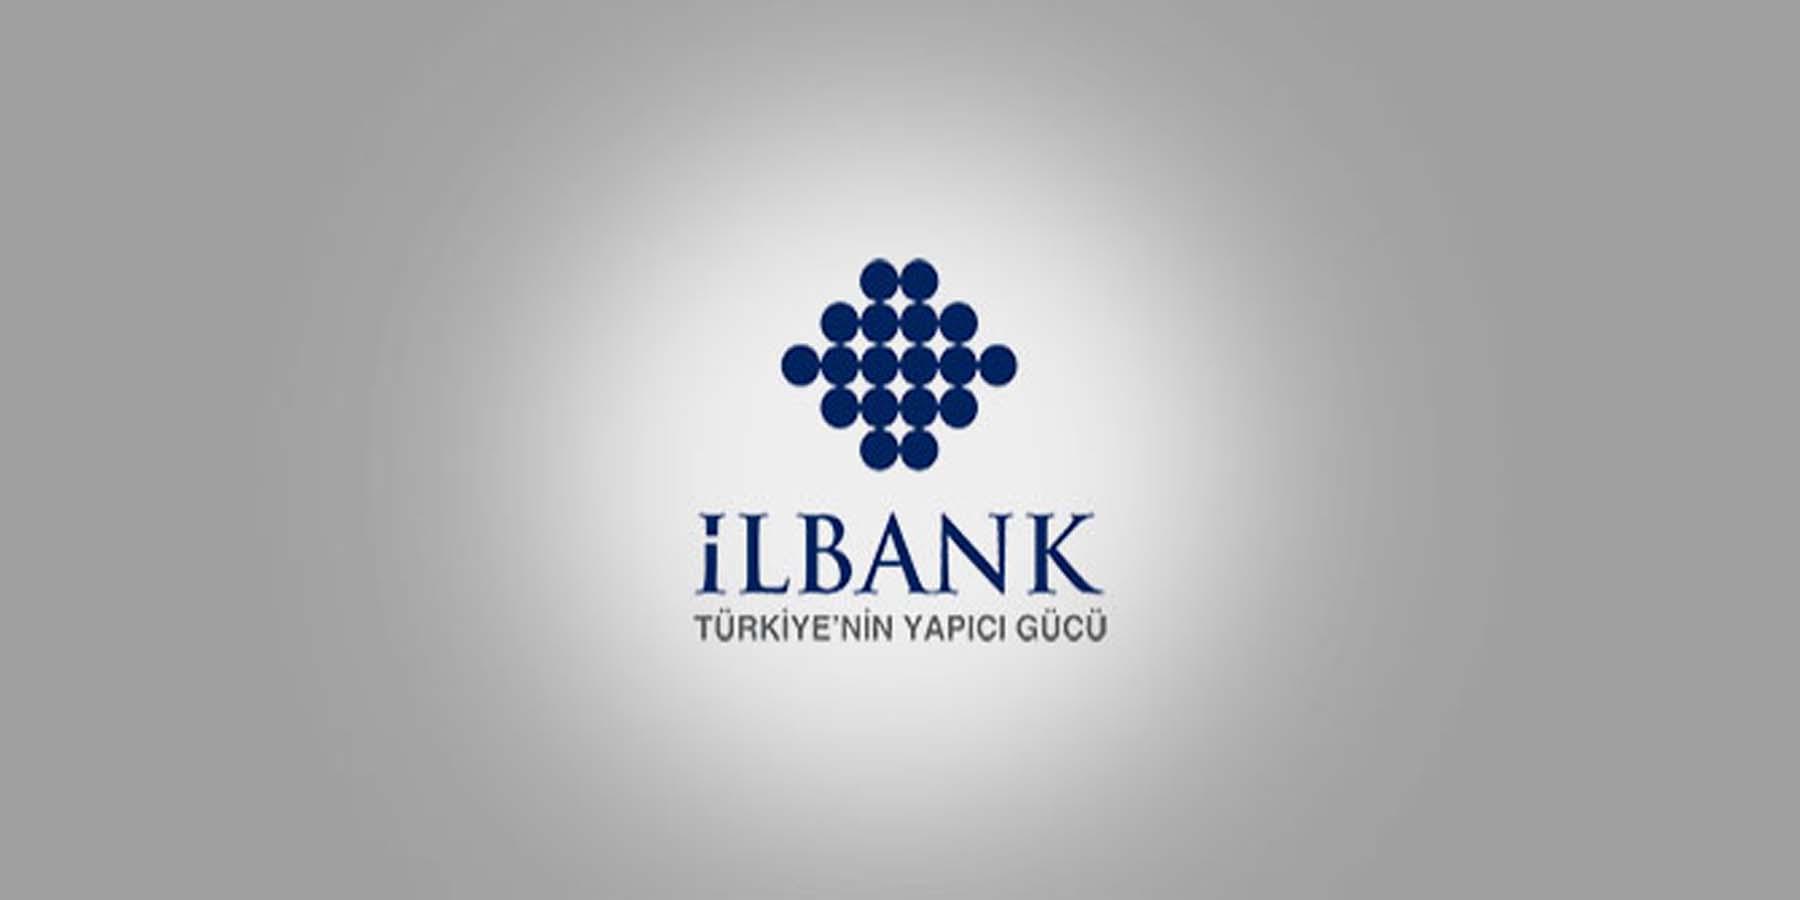 İller Bankası Mülakat Sonuçları Neden Açıklanmıyor?